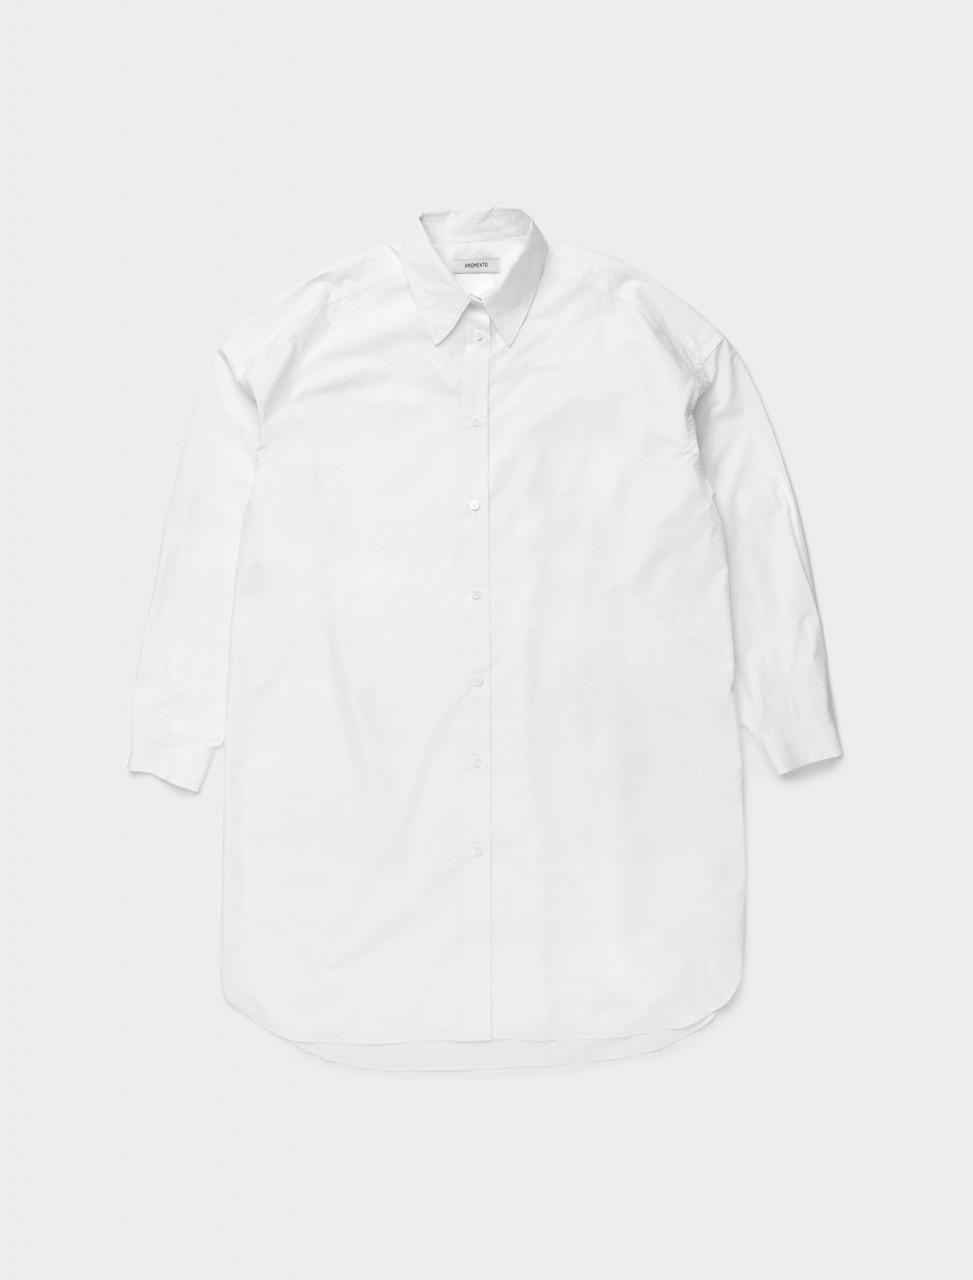 353-AM20FW02DR AMOMENTO BOXY SHIRT DRESS